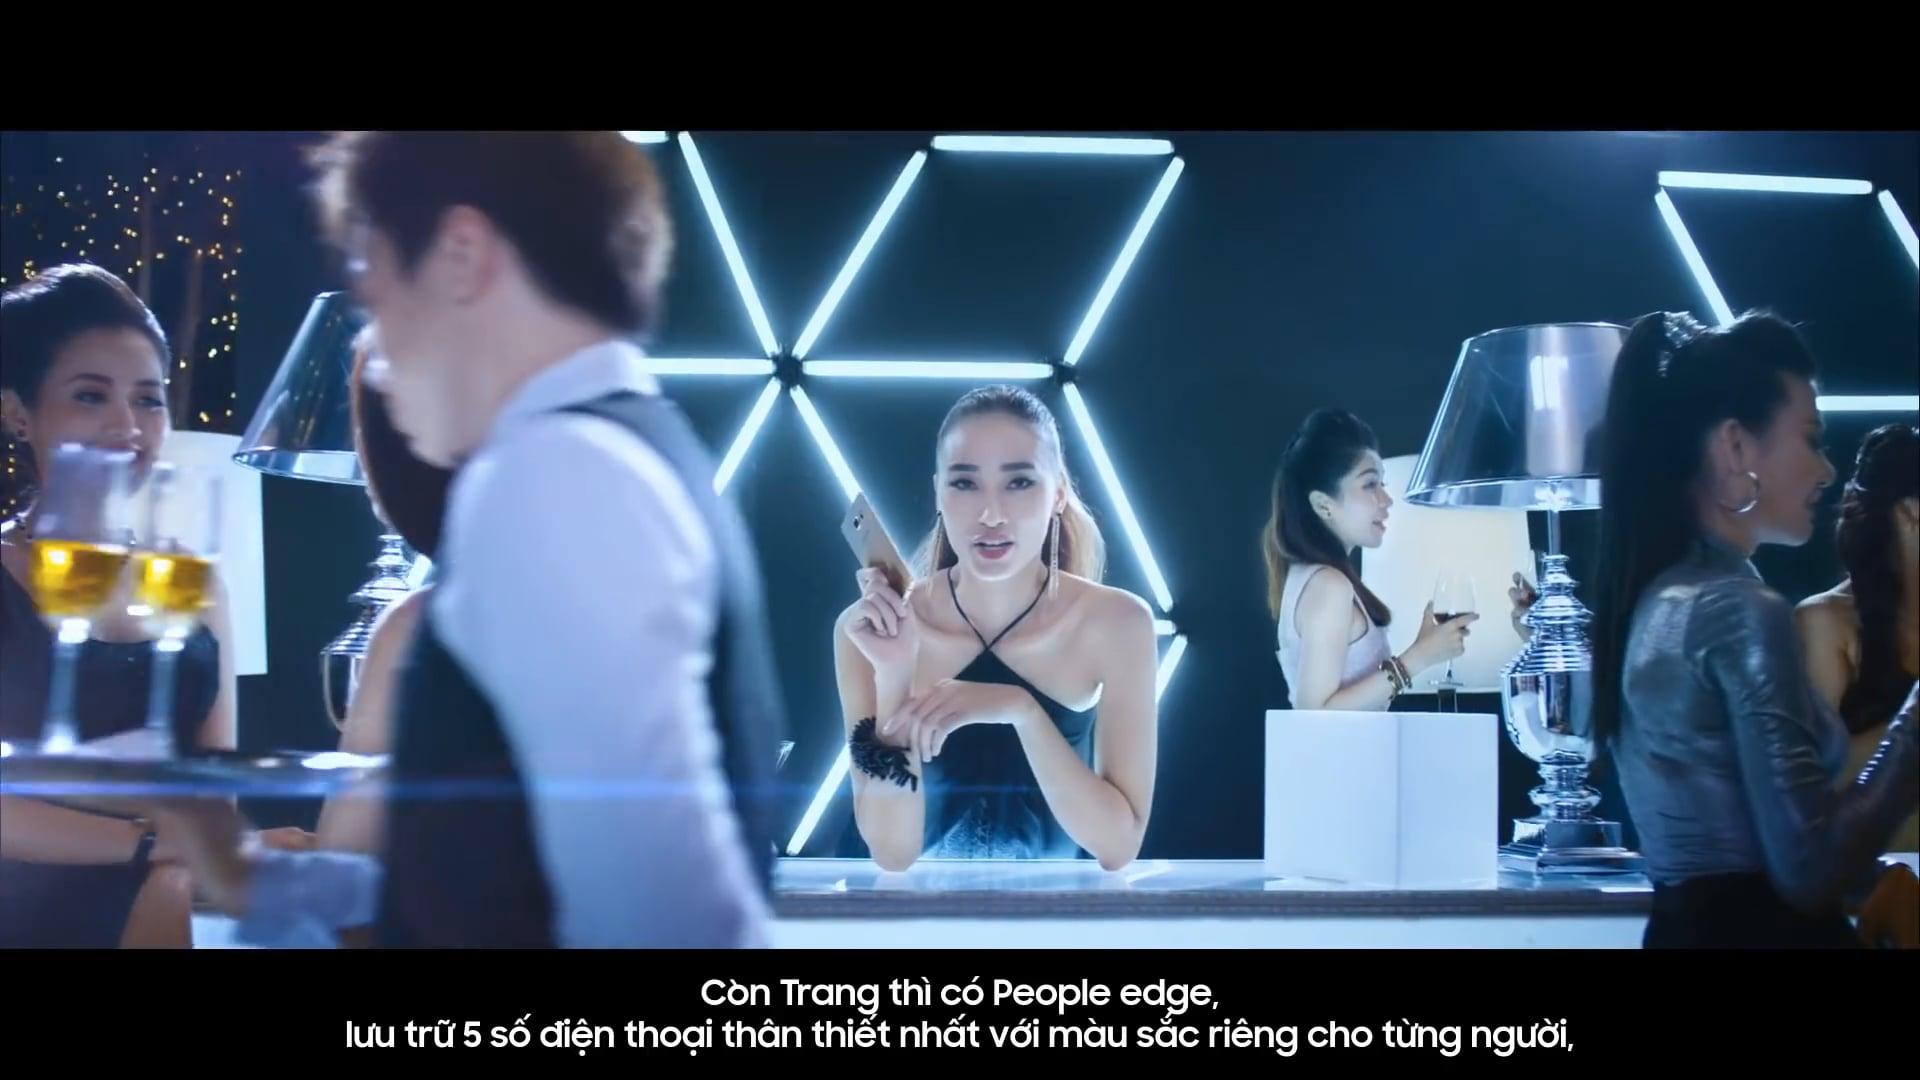 Samsung Galaxy S6 Edge+ - Hơn cả vẻ ngoài lộng lẫy